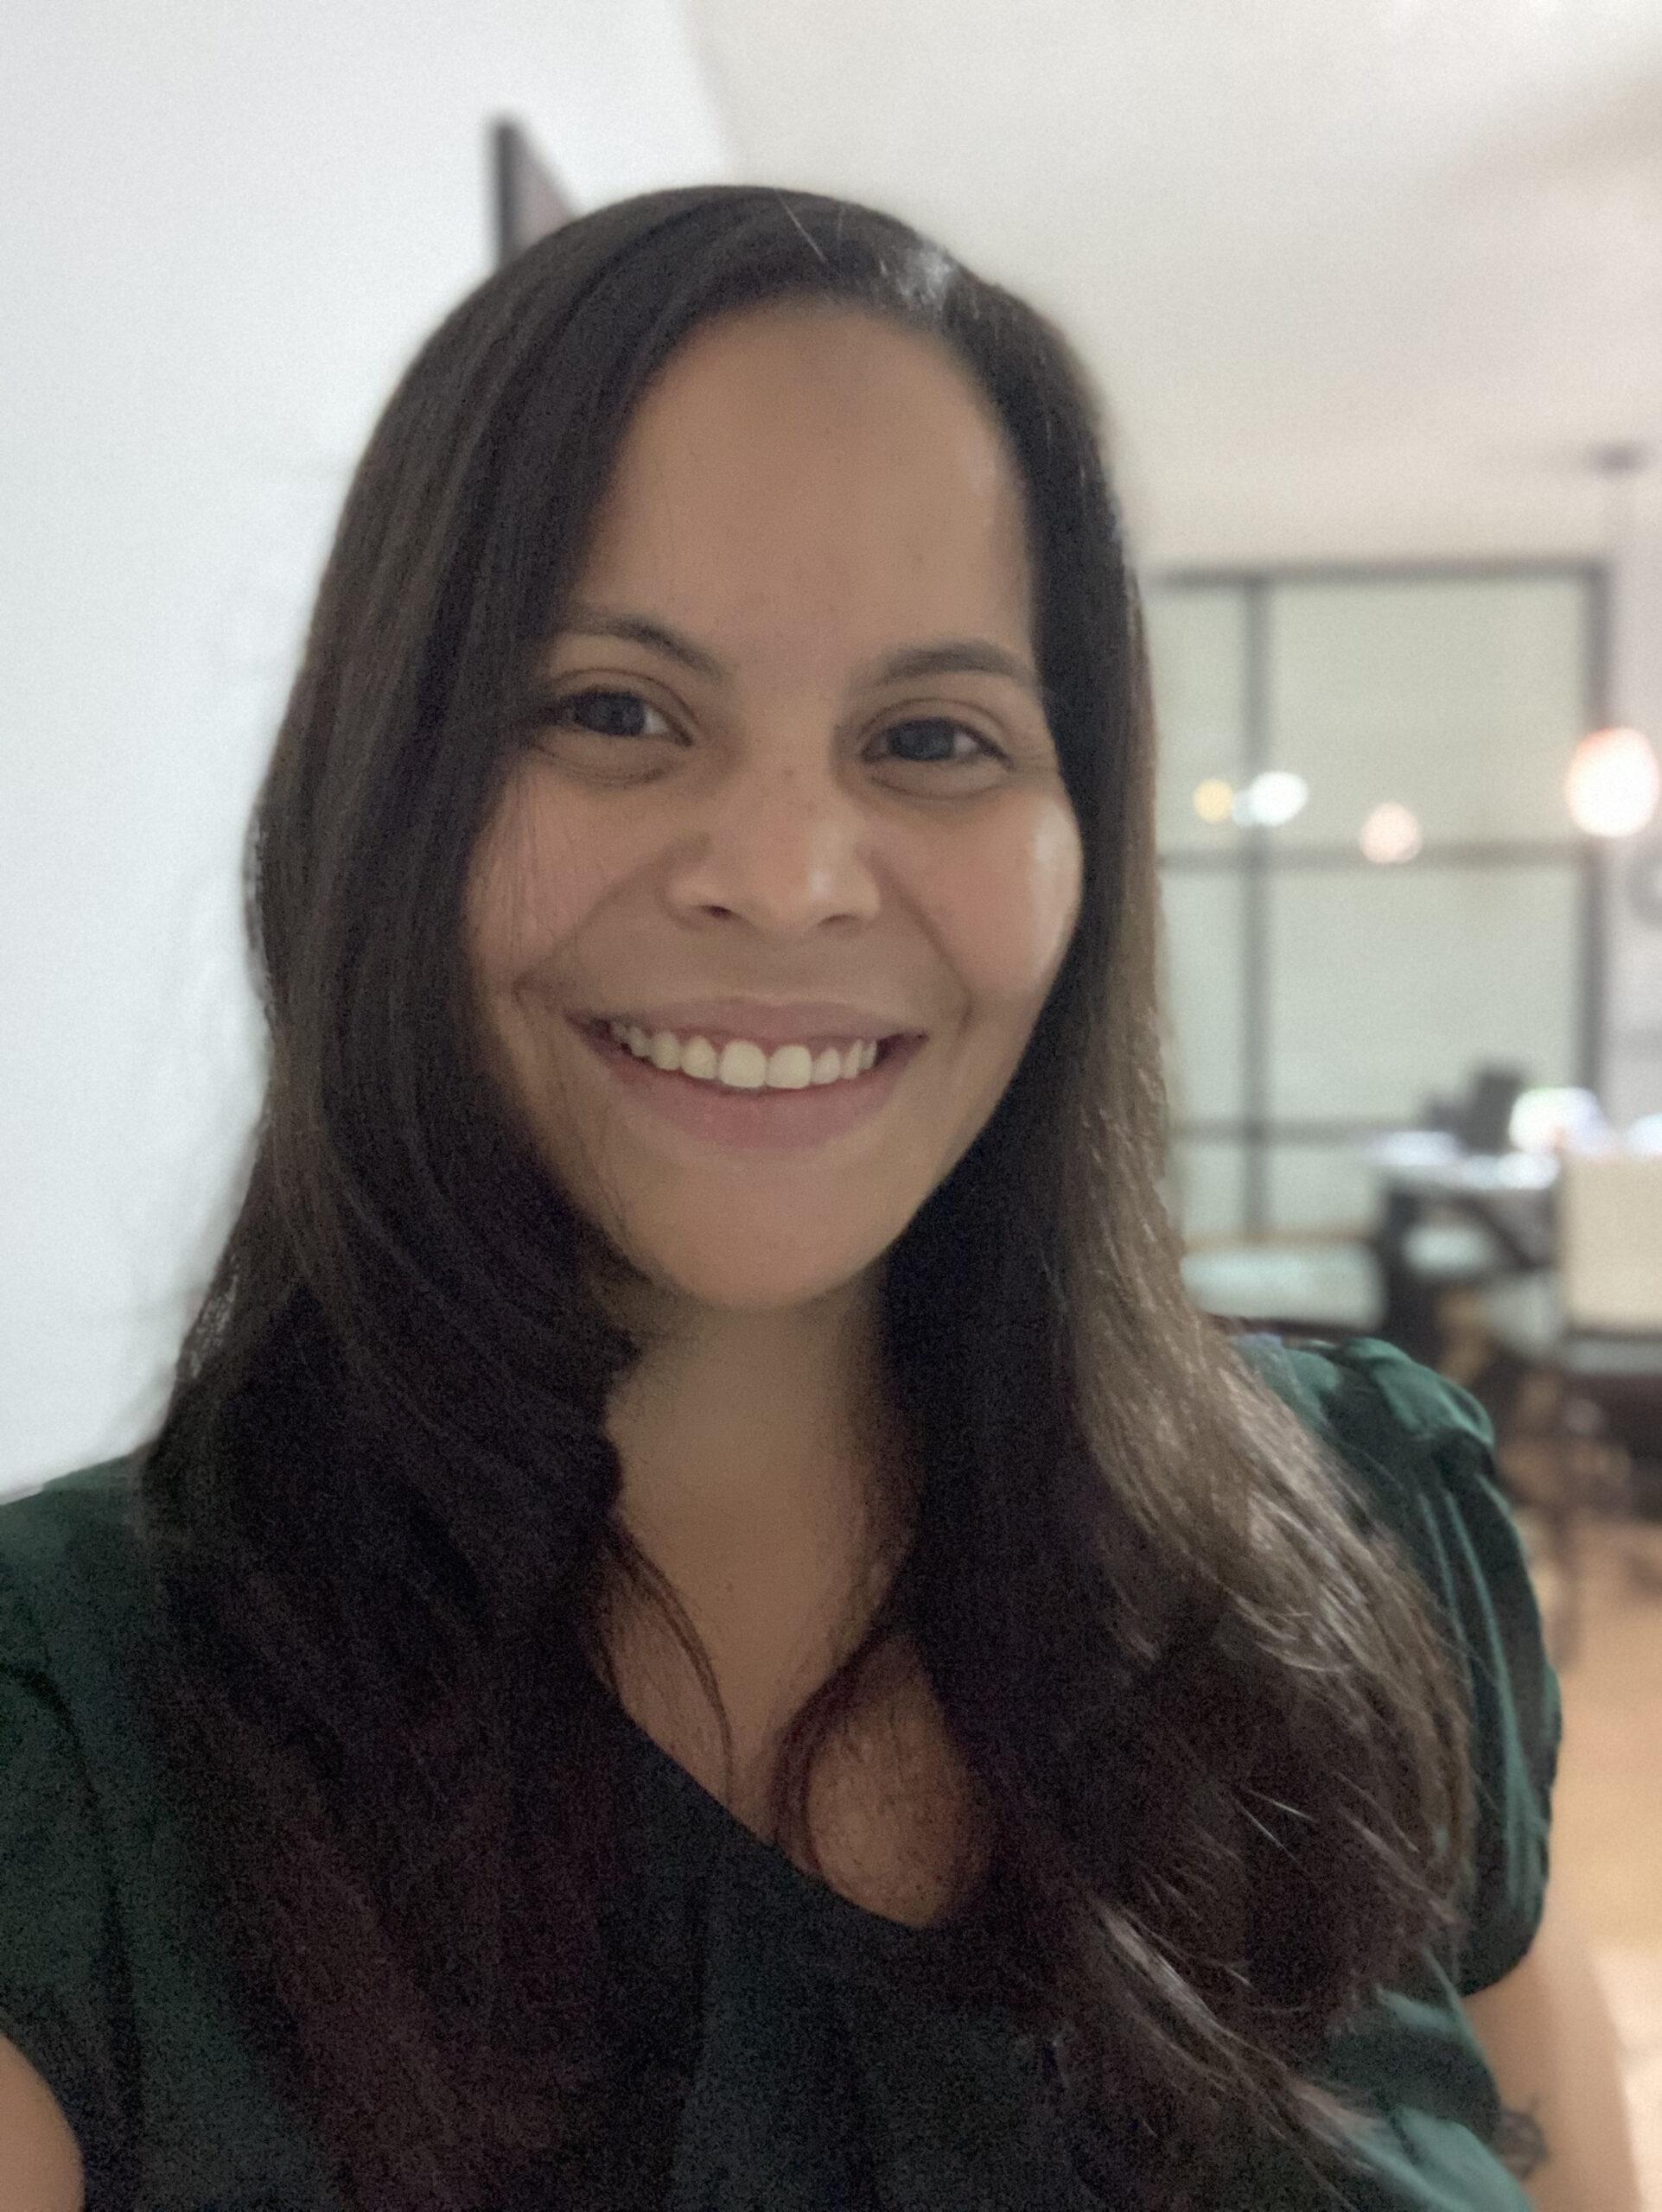 Melisa Mía Vargas Echevarría